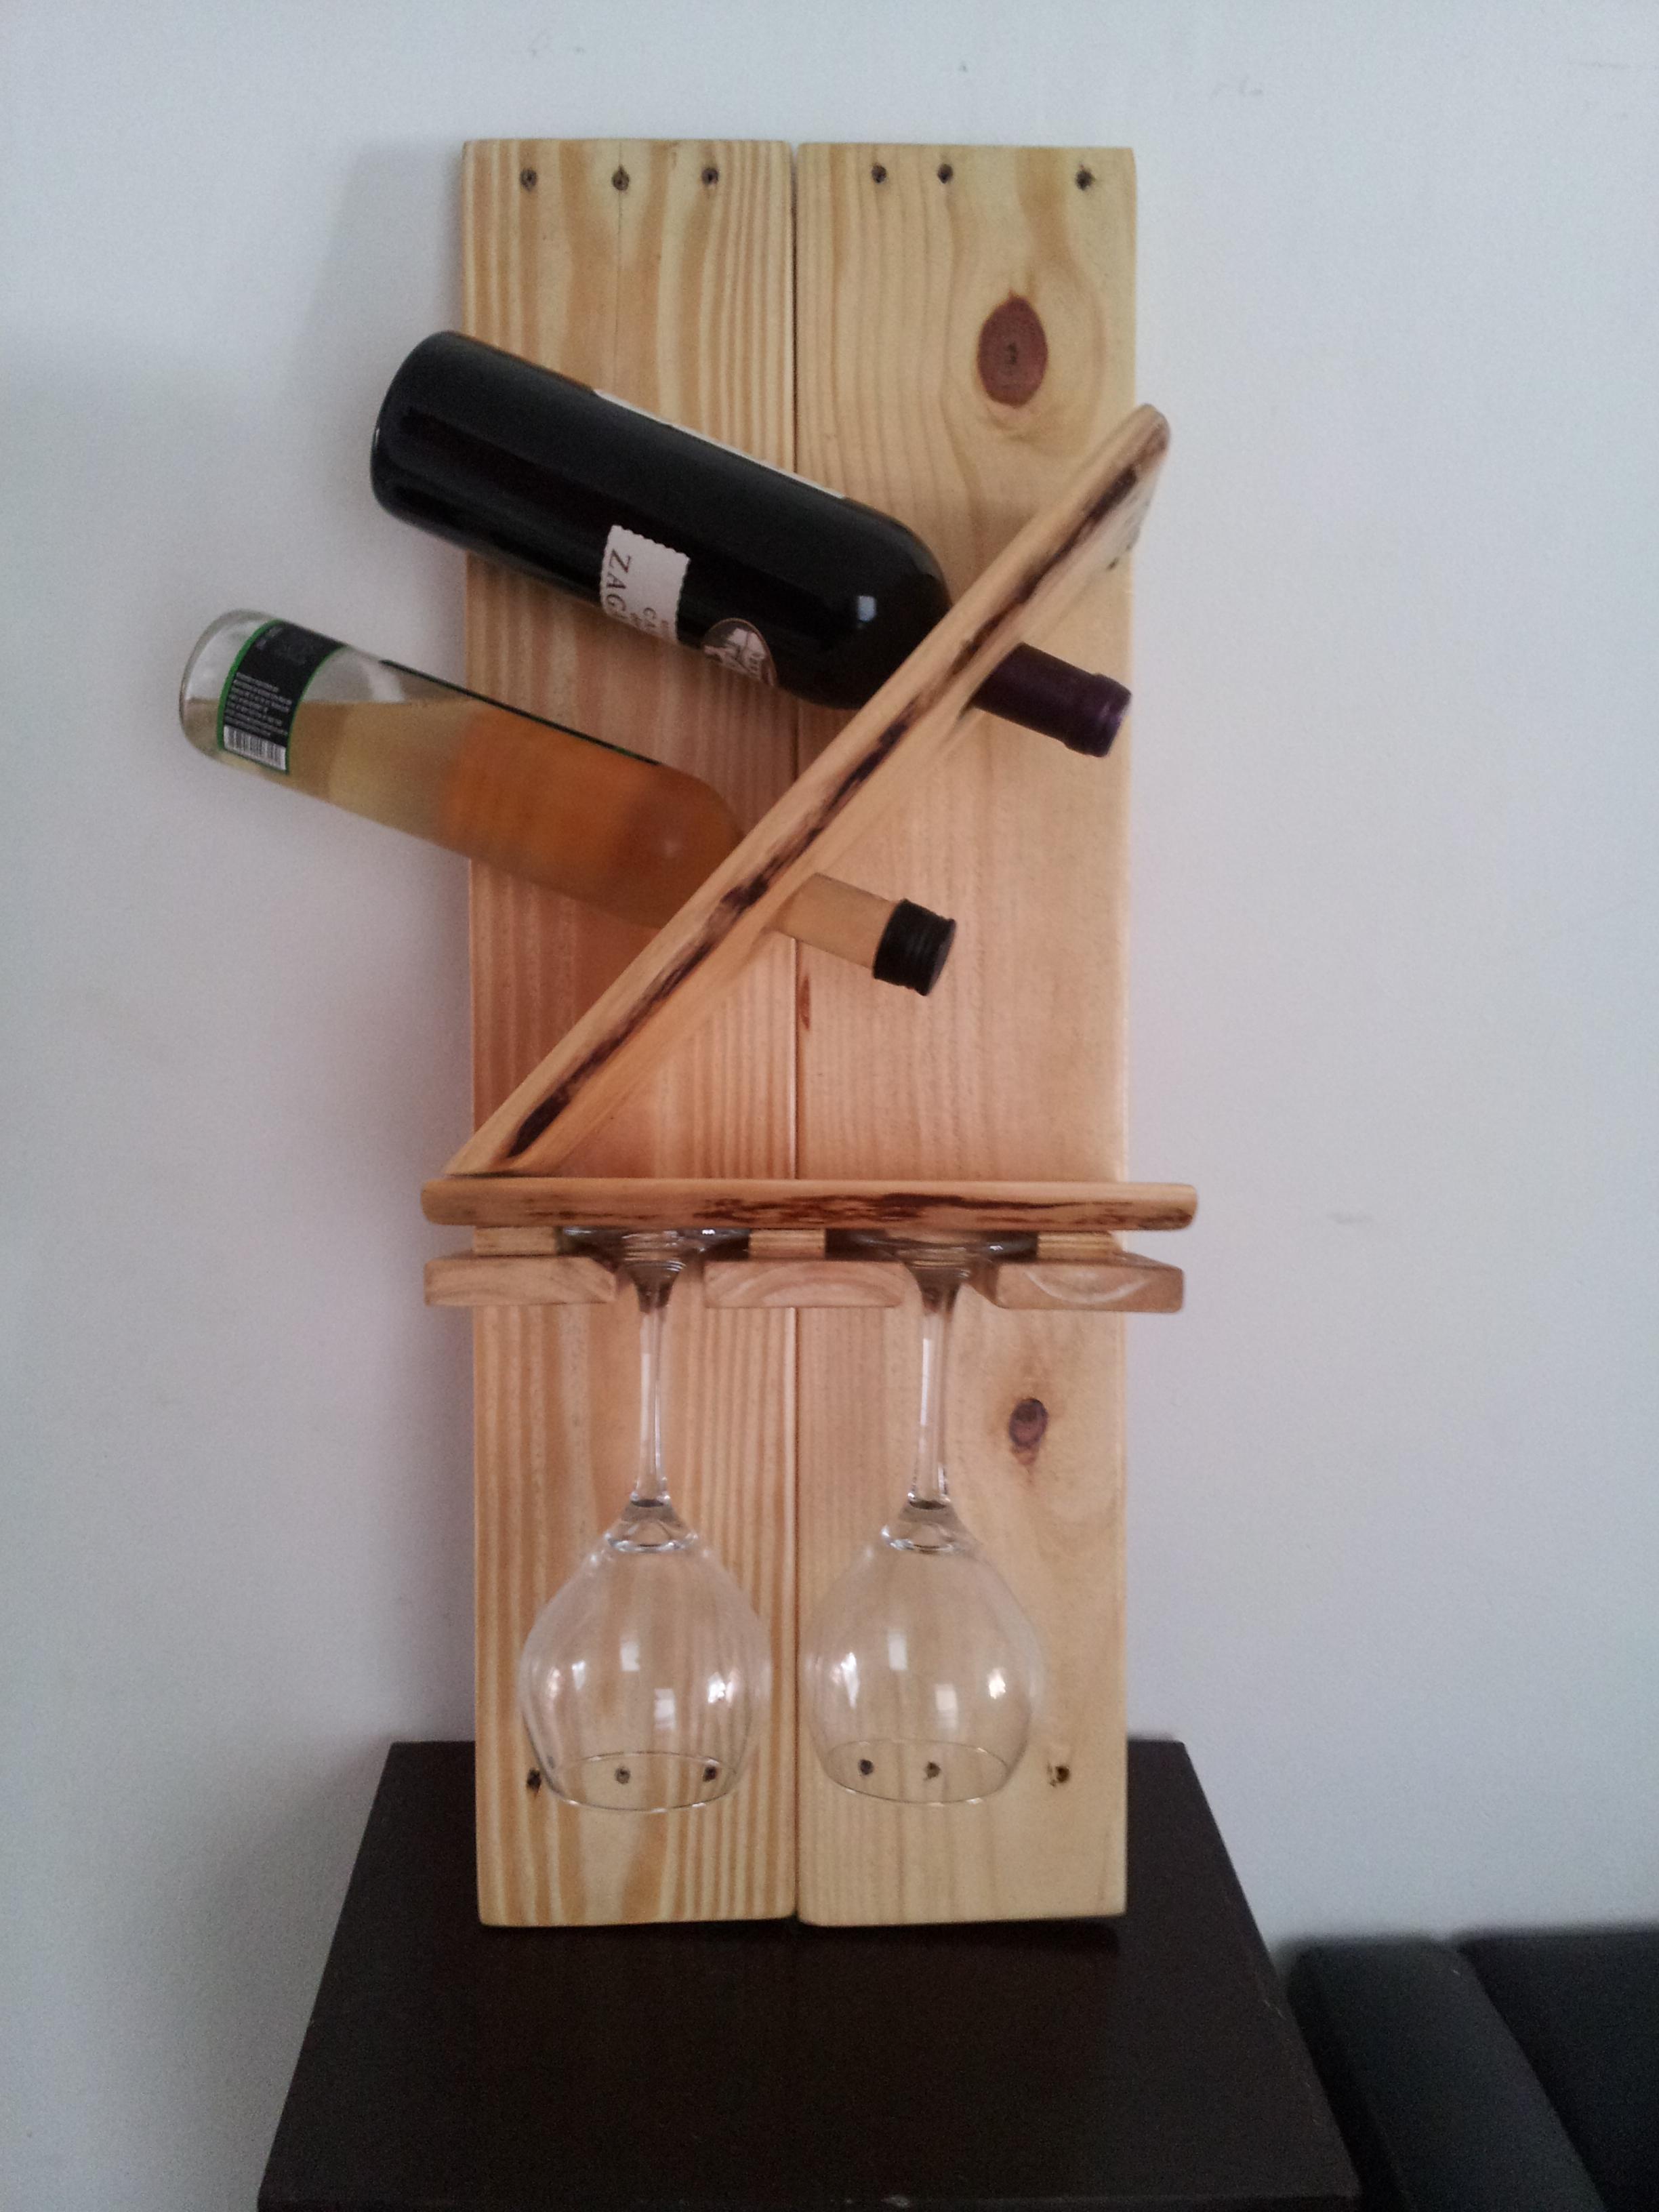 Descarte de sobras de marcenaria porta vinhos #74412C 2448x3264